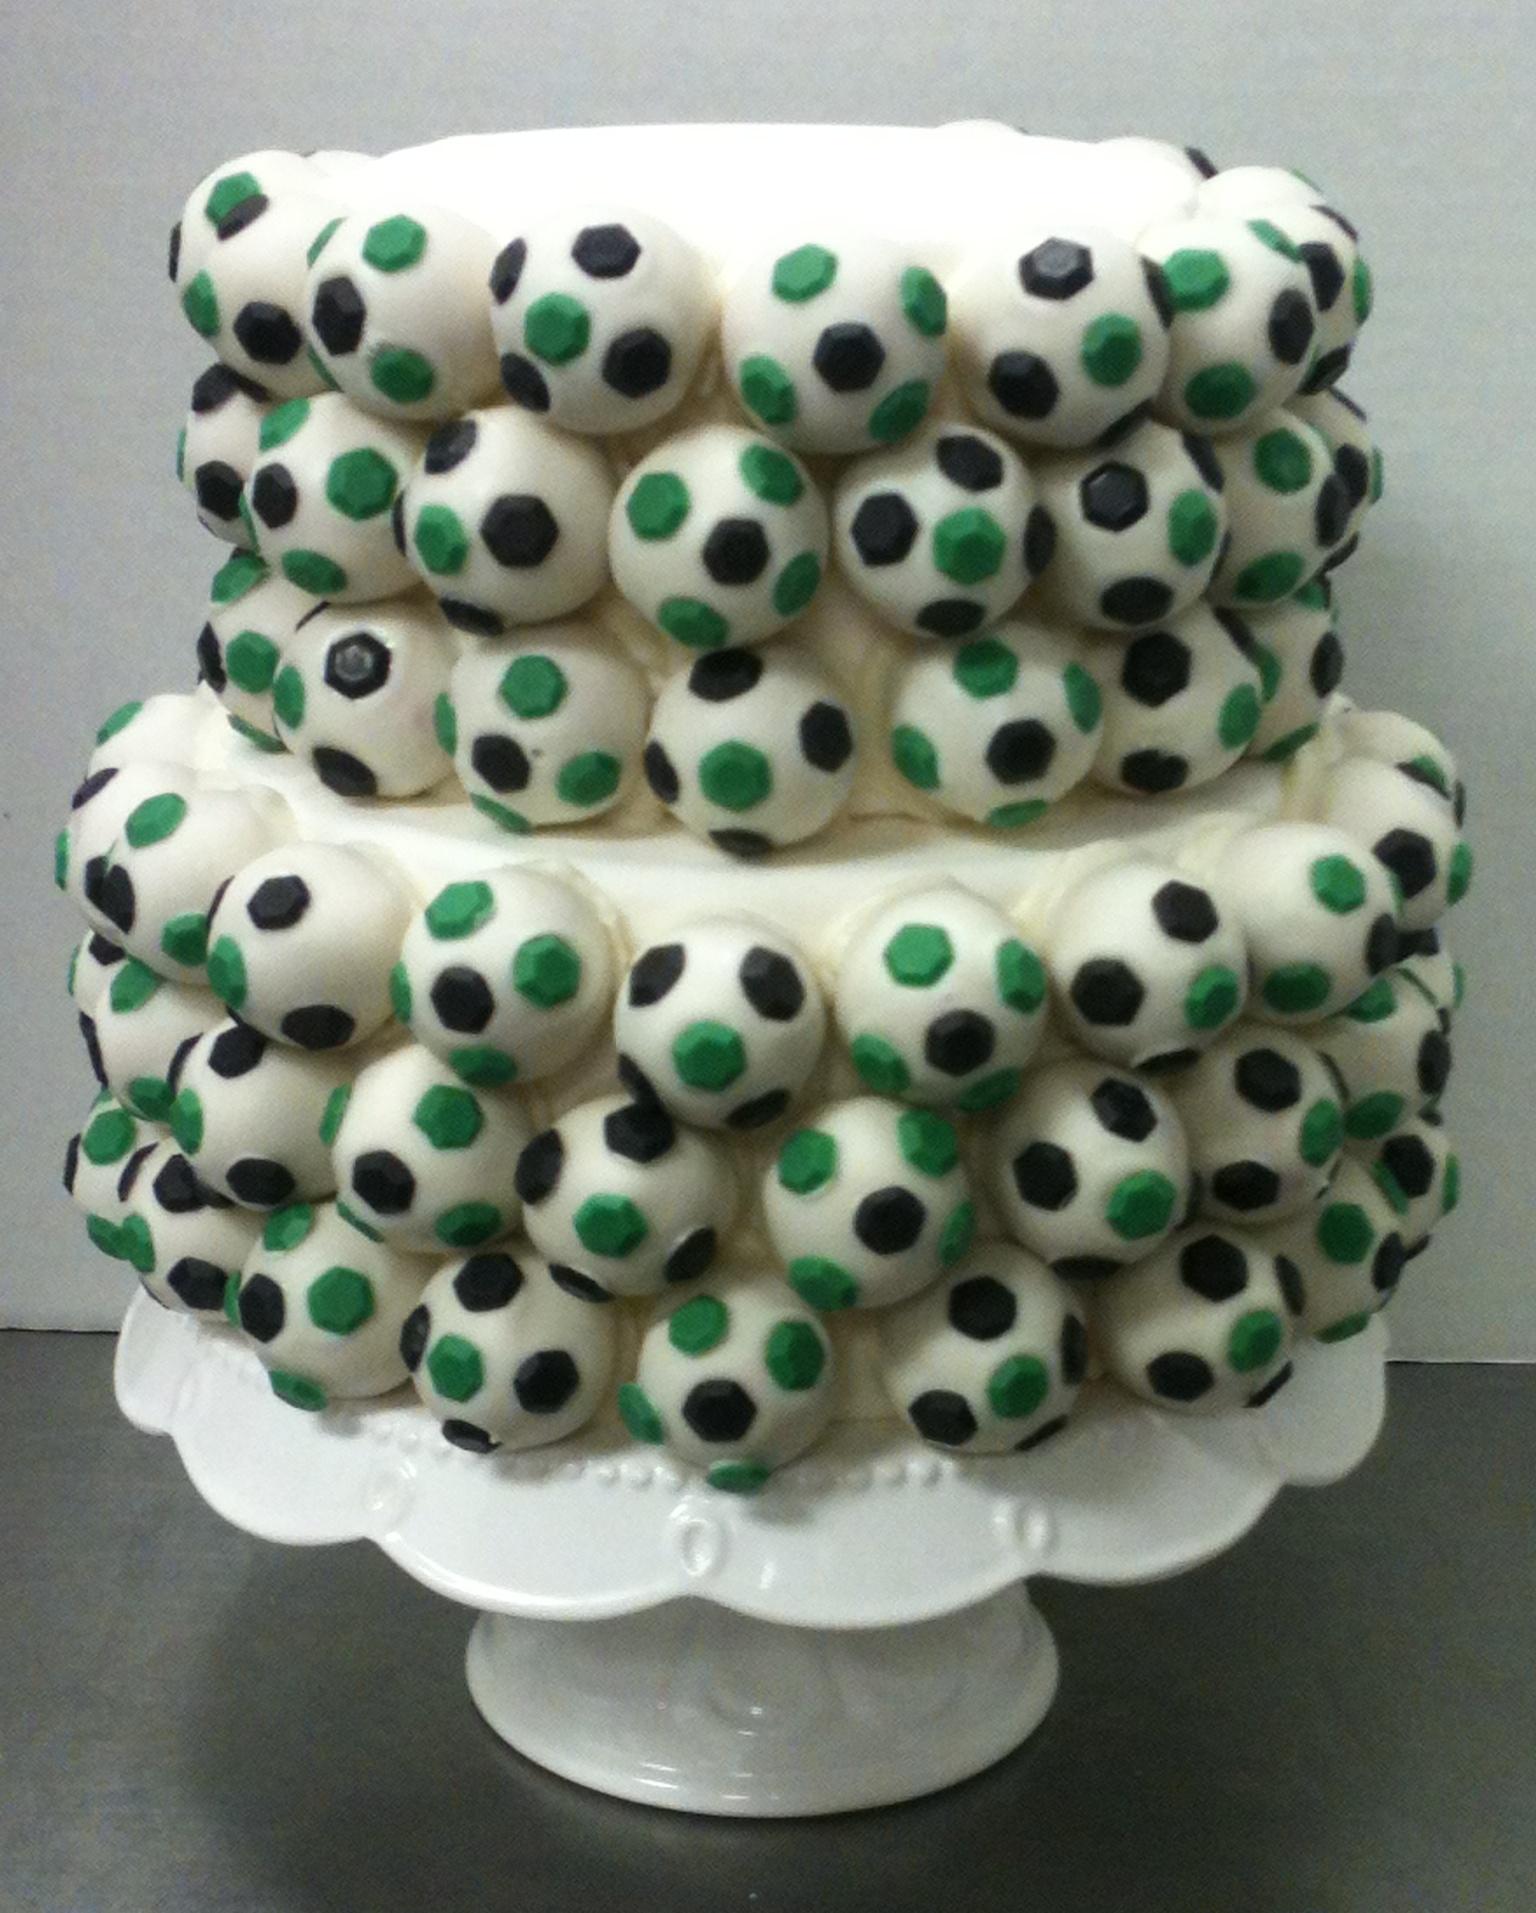 soccer-cake-ball-cake.jpg